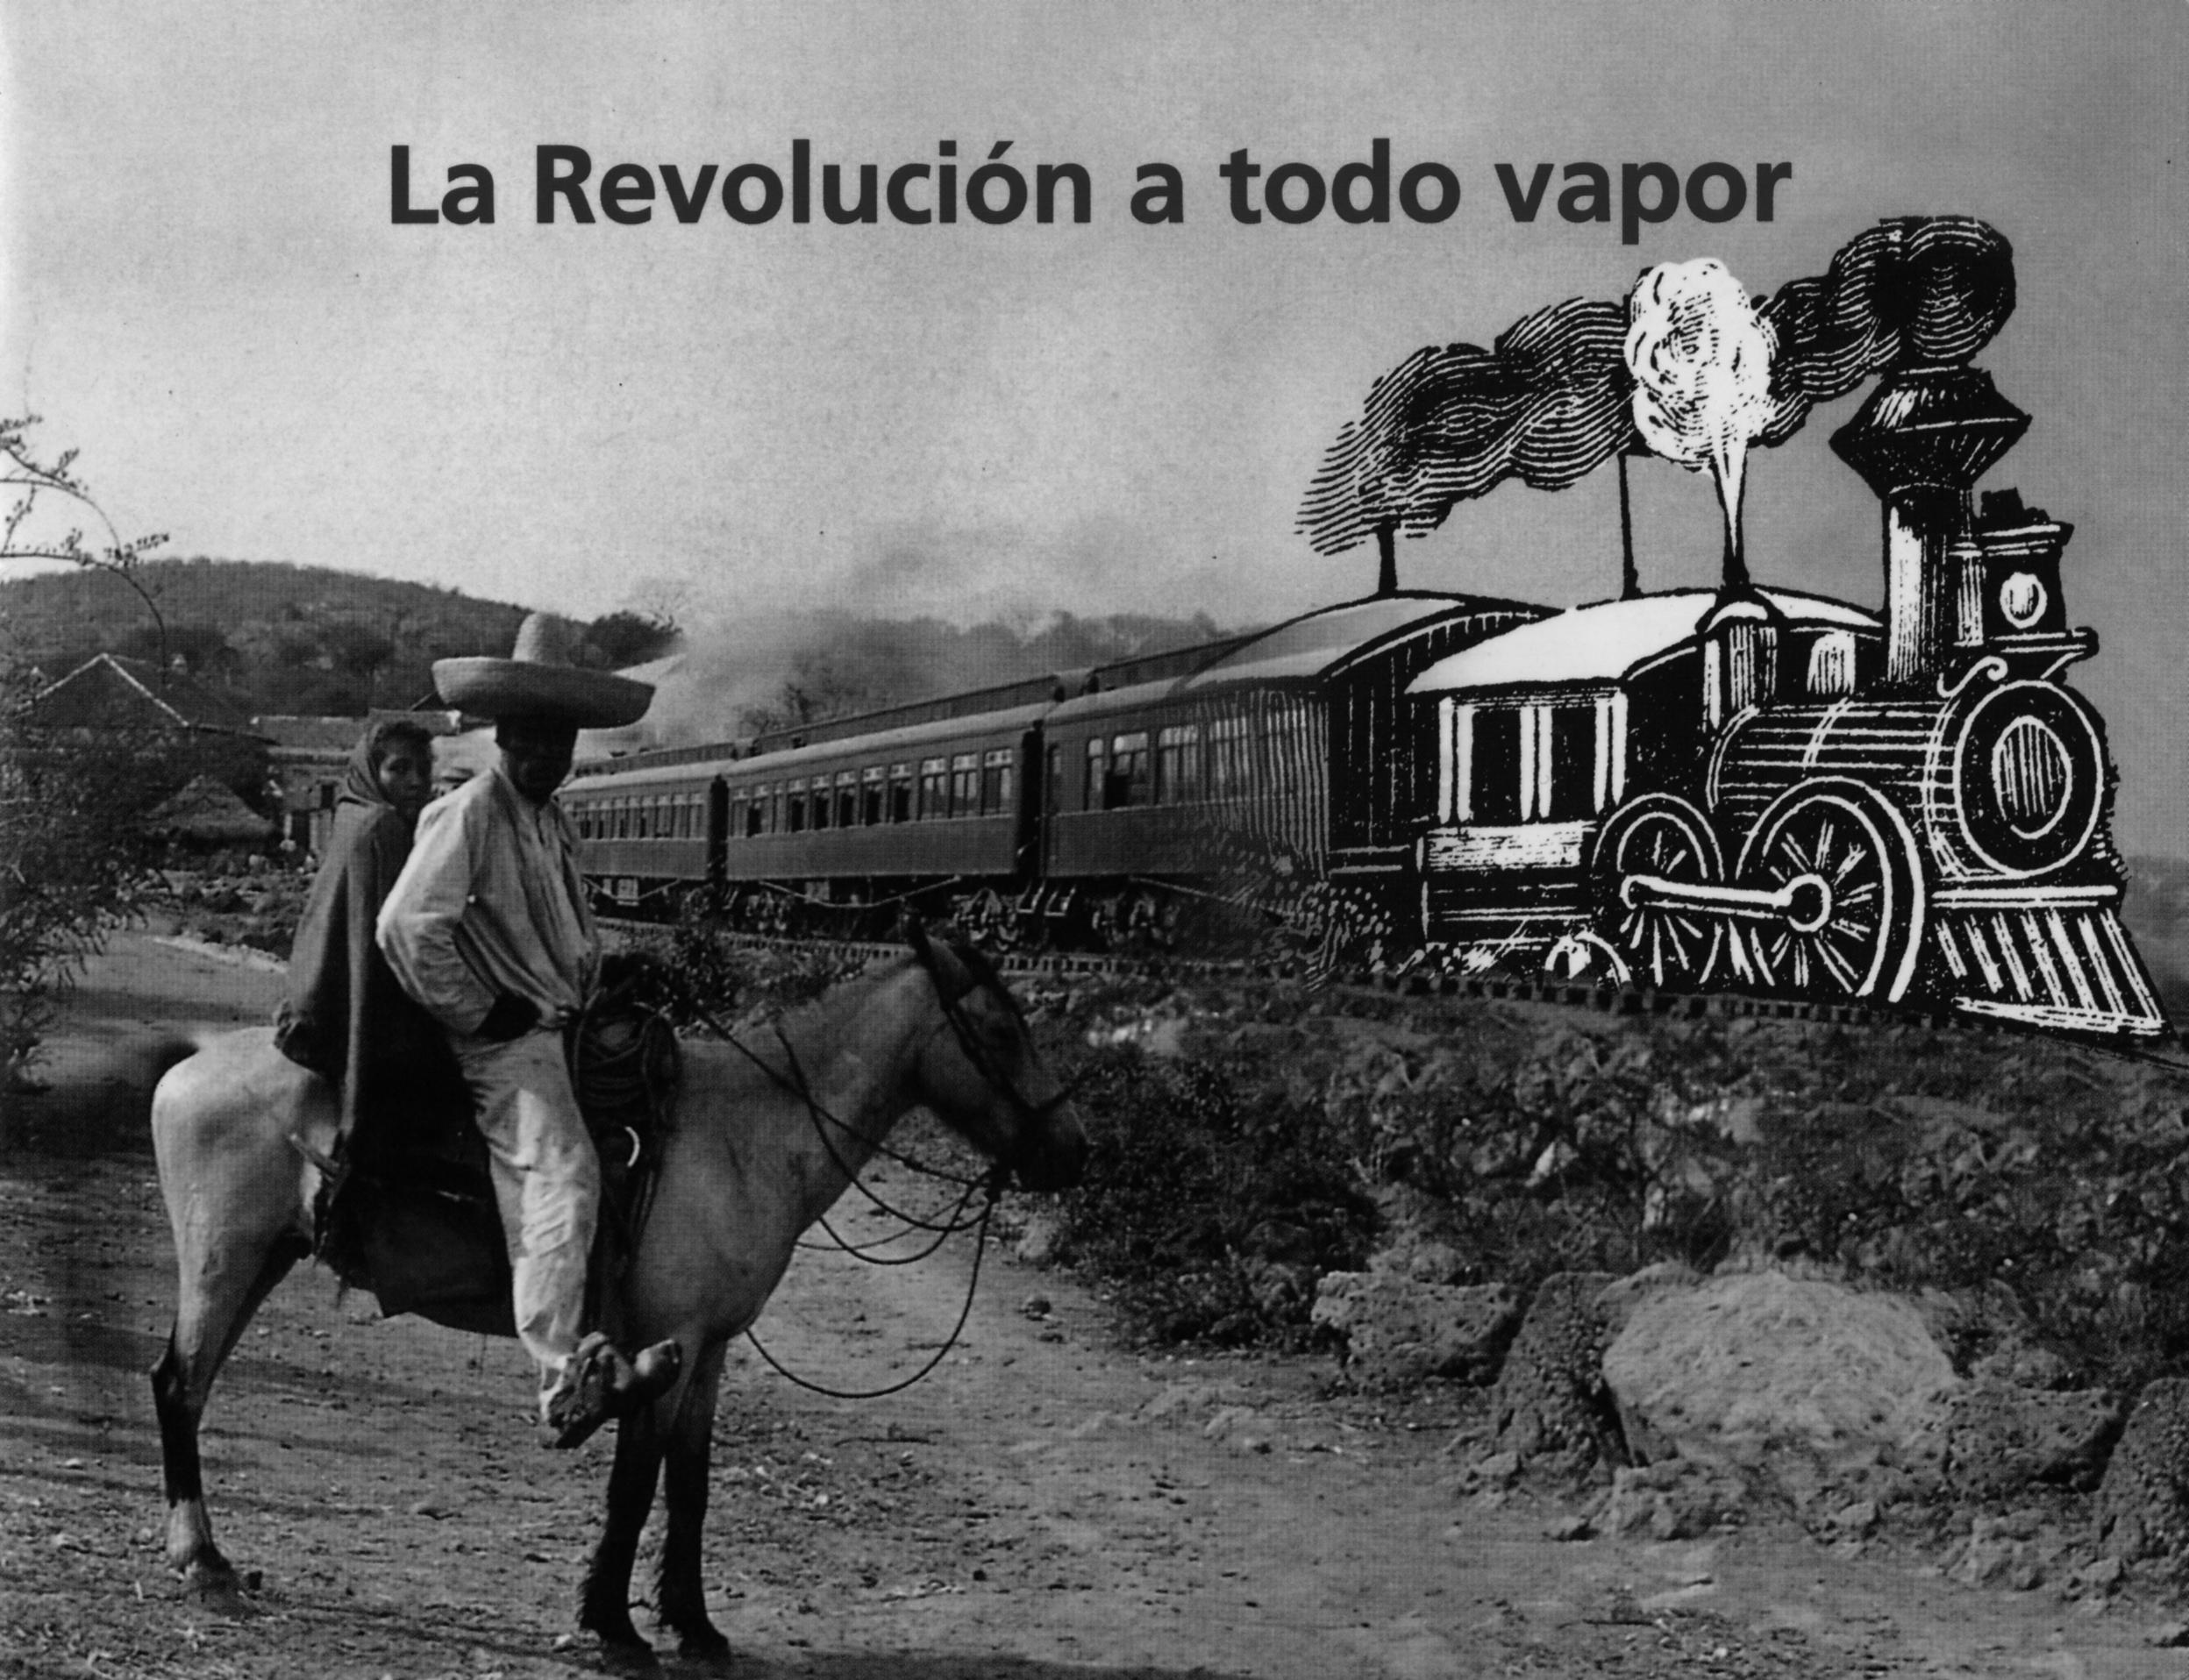 La Revolución Ilustrada La Guerra Civil Mexicana En La